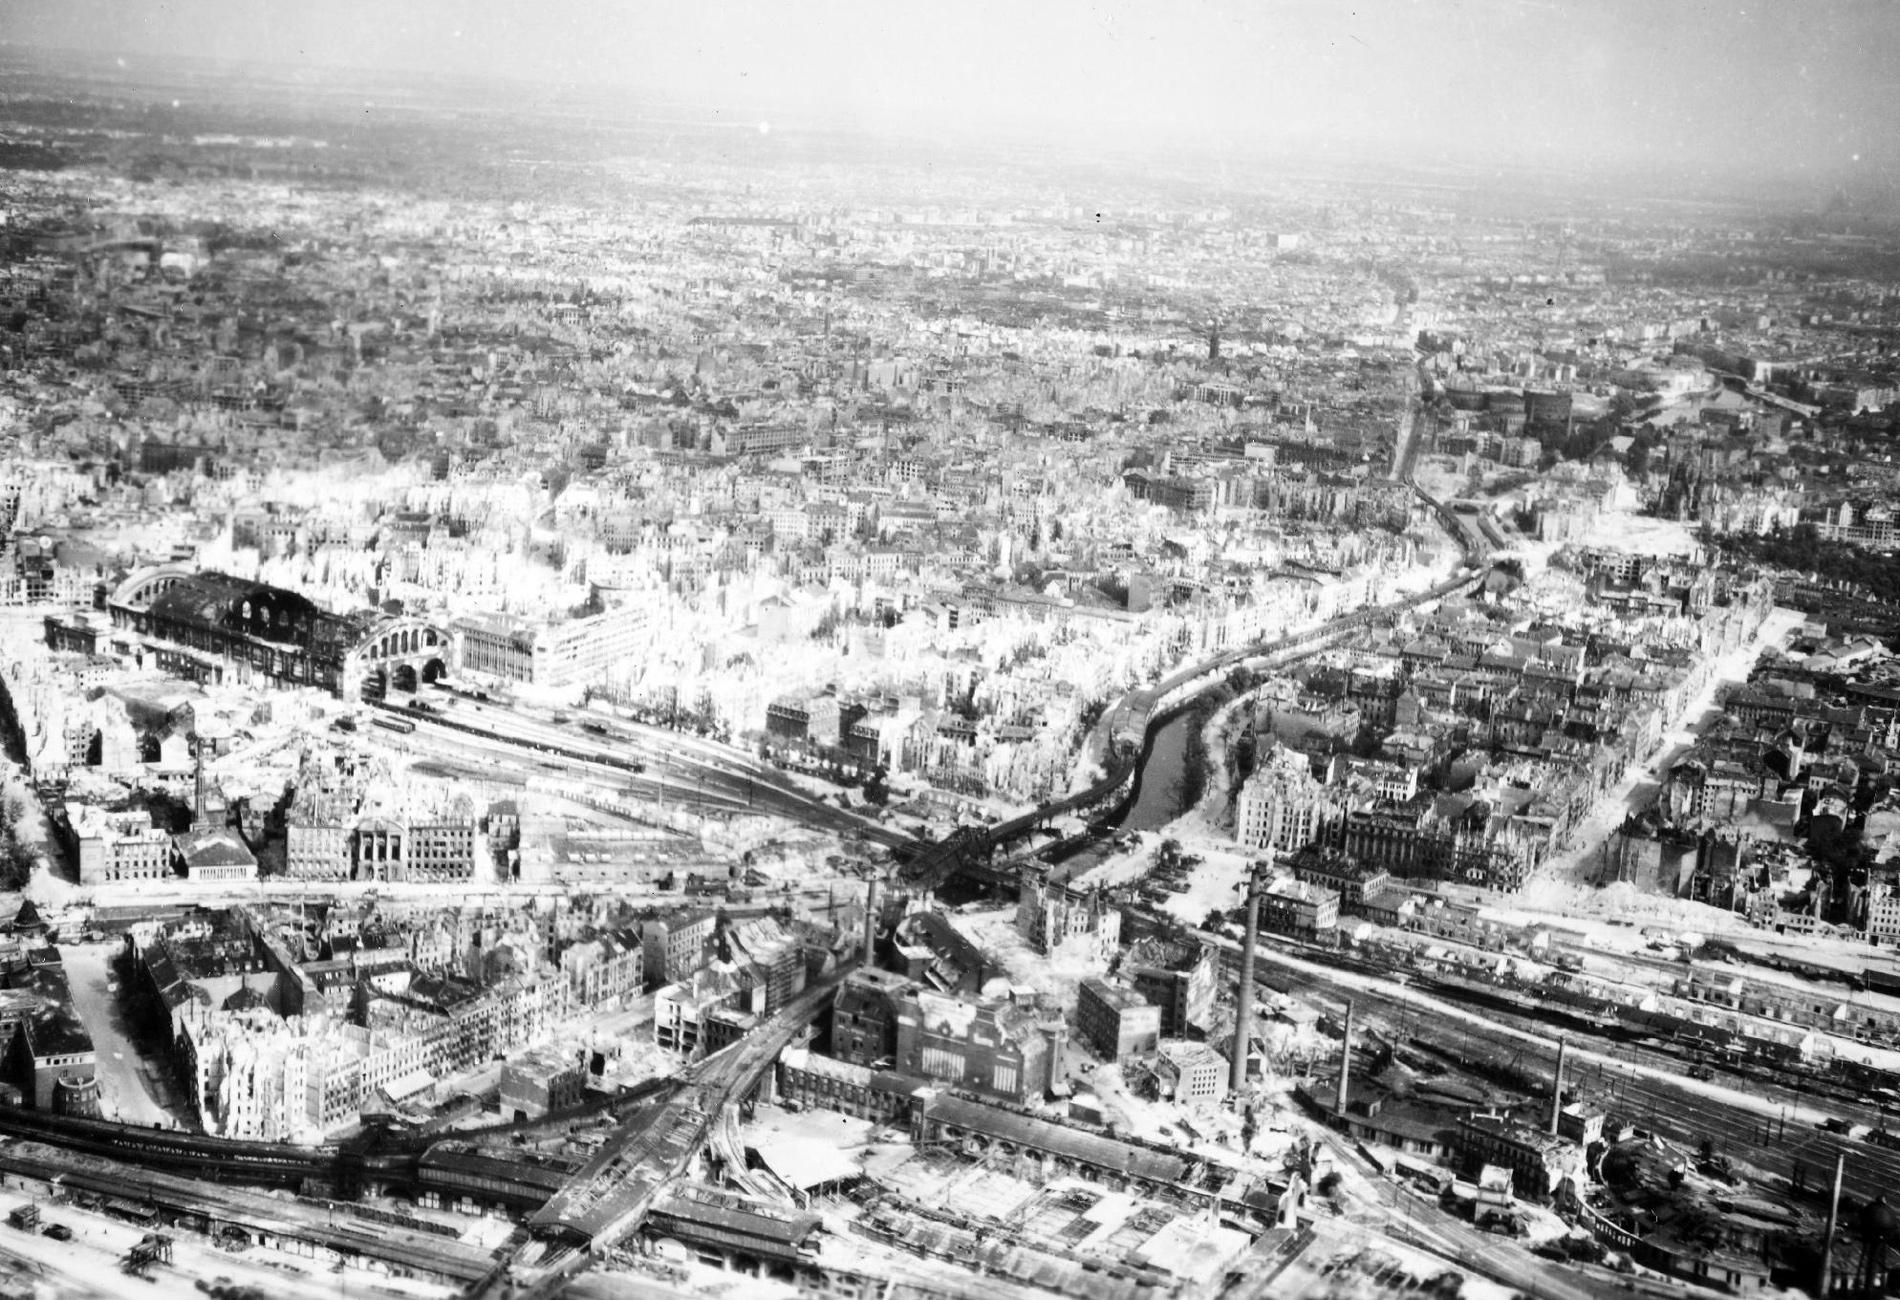 Historisches Luftbild von Berlin Landwehrkanal, U-Bahnhof Gleisdreieck und Anhalterbahnhof